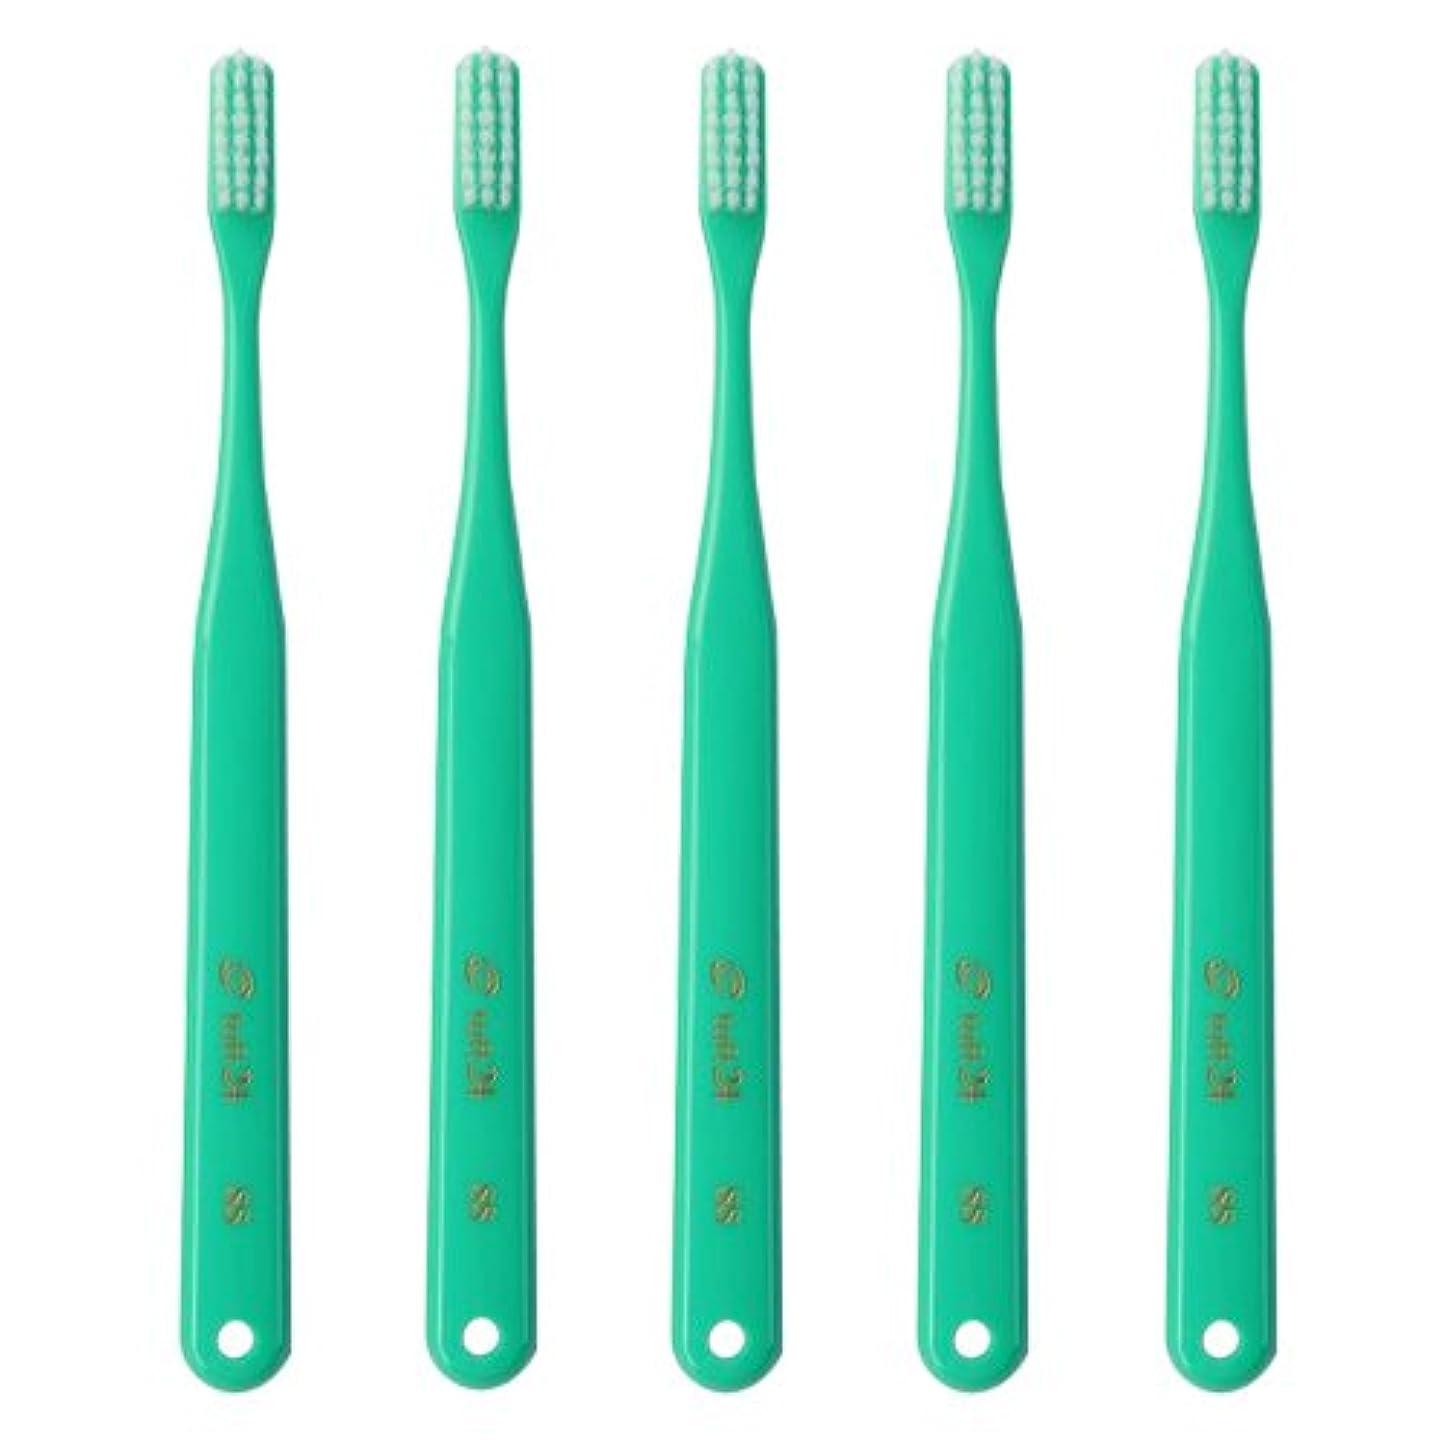 脚本ダイヤル浴室タフト24 歯ブラシ 10本セット SS キャップなし (グリーン)